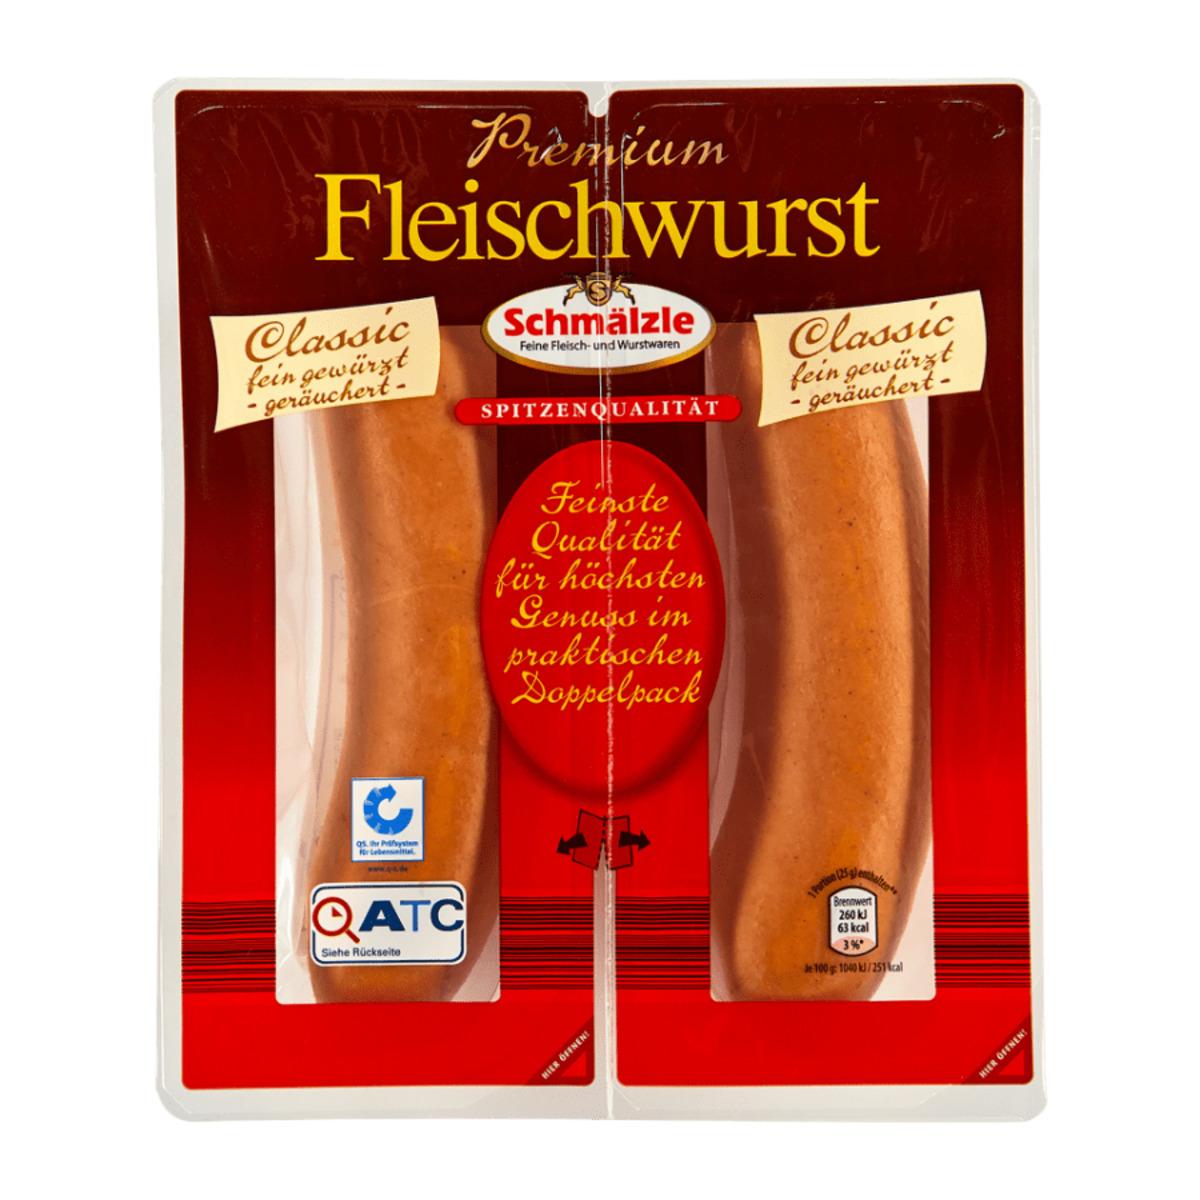 Bild 2 von Fleischwurst